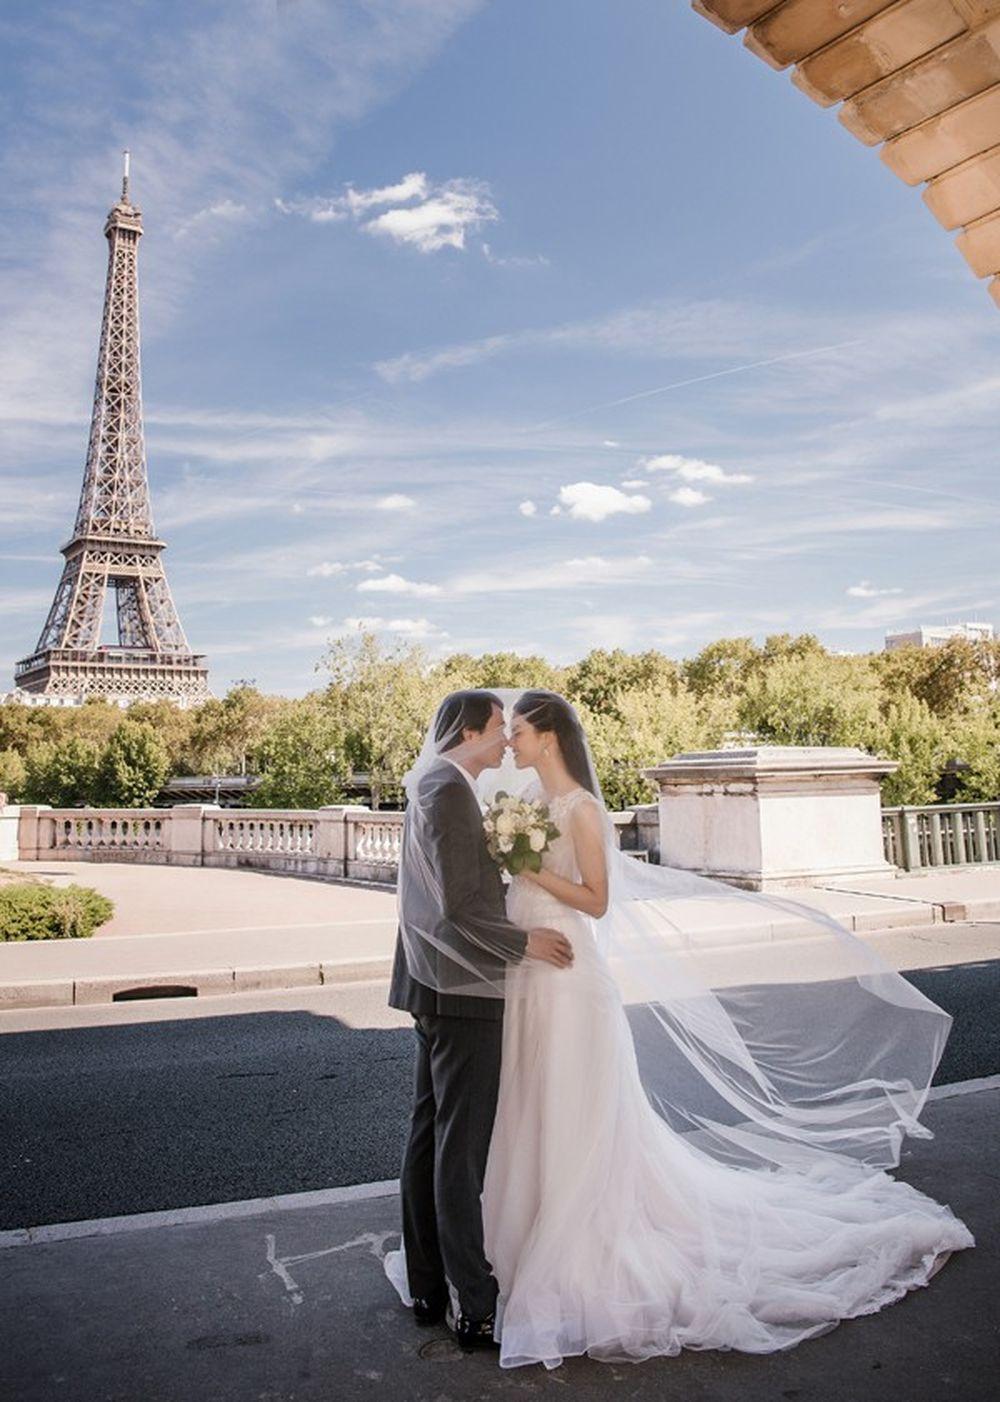 Dưới đây là một số ảnh cưới lãng mạn của cặp đôi tại nước Pháp: